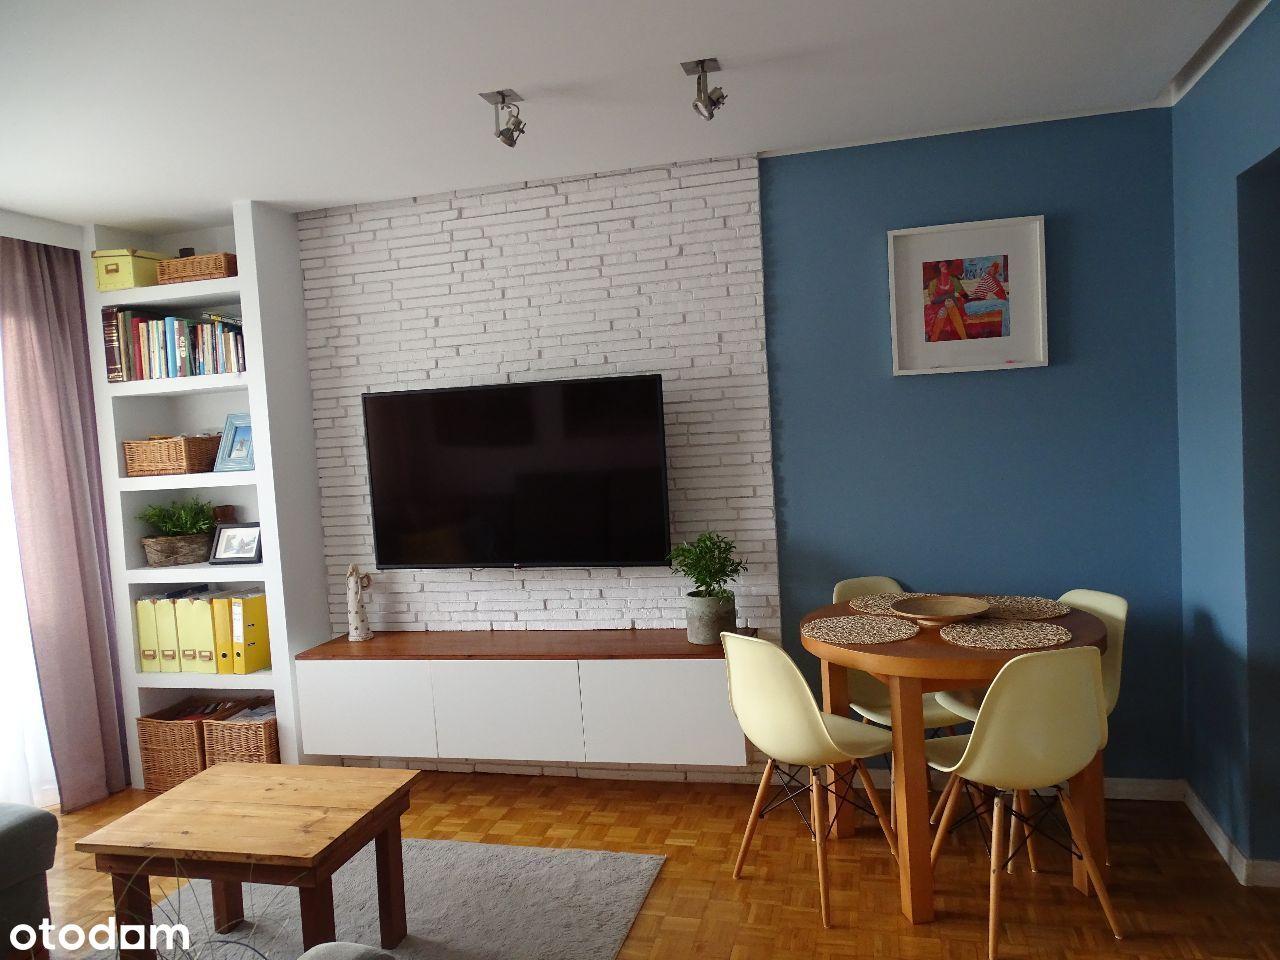 4 pokojowe mieszkanie 58,15 m2 Koniuchy ul Długa